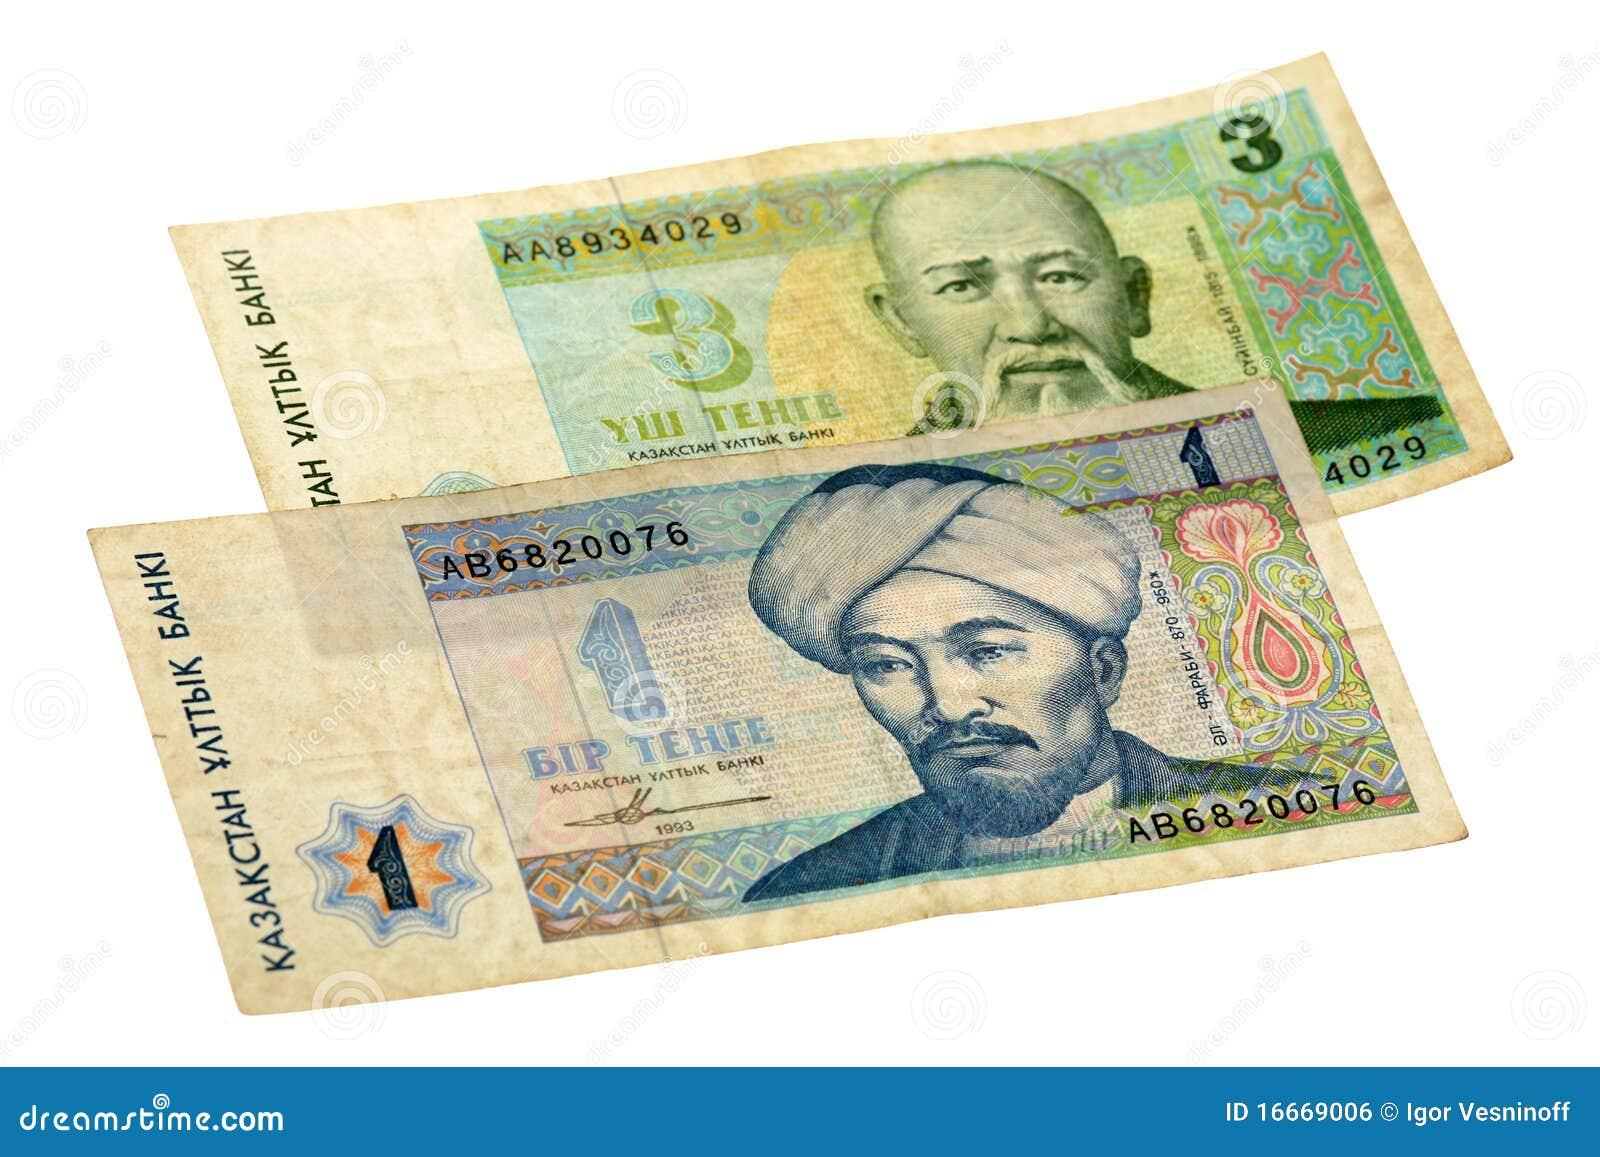 Rechnung mit 1 und 3 Tenge von Kazakhstan